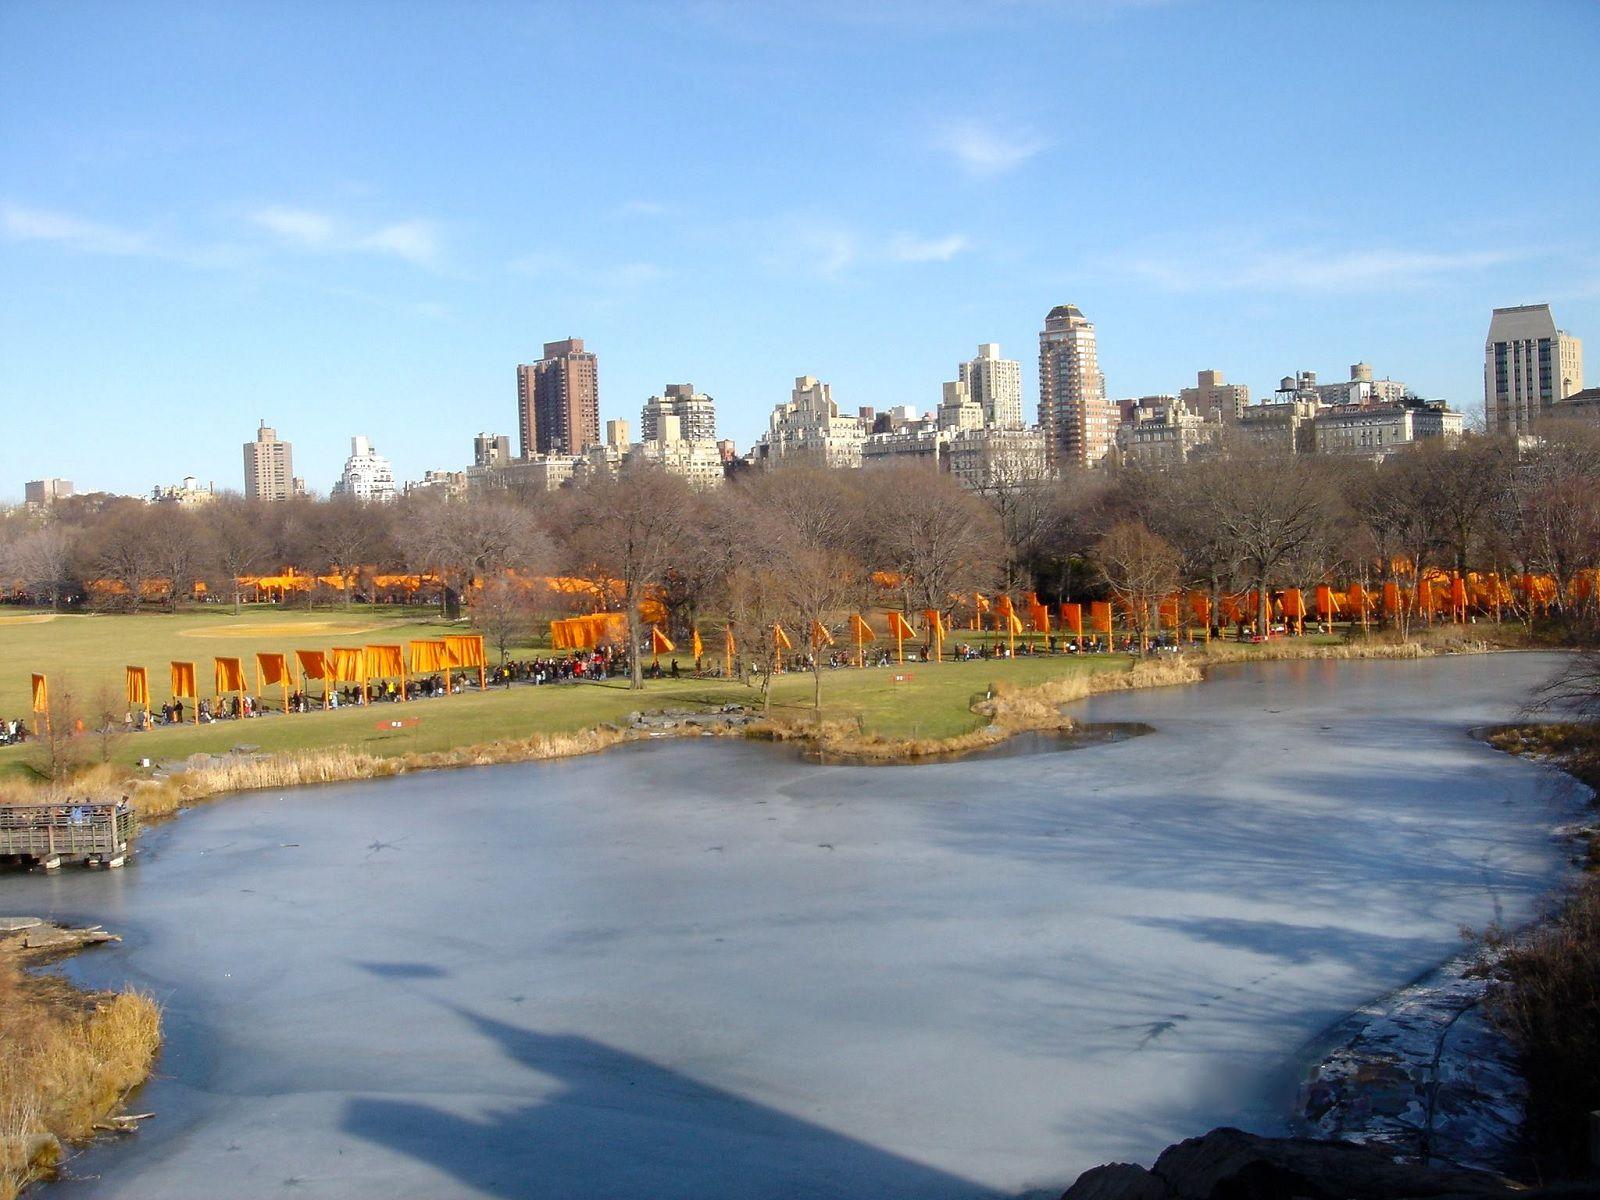 30 chilometri attraverso Central Park - neomag.